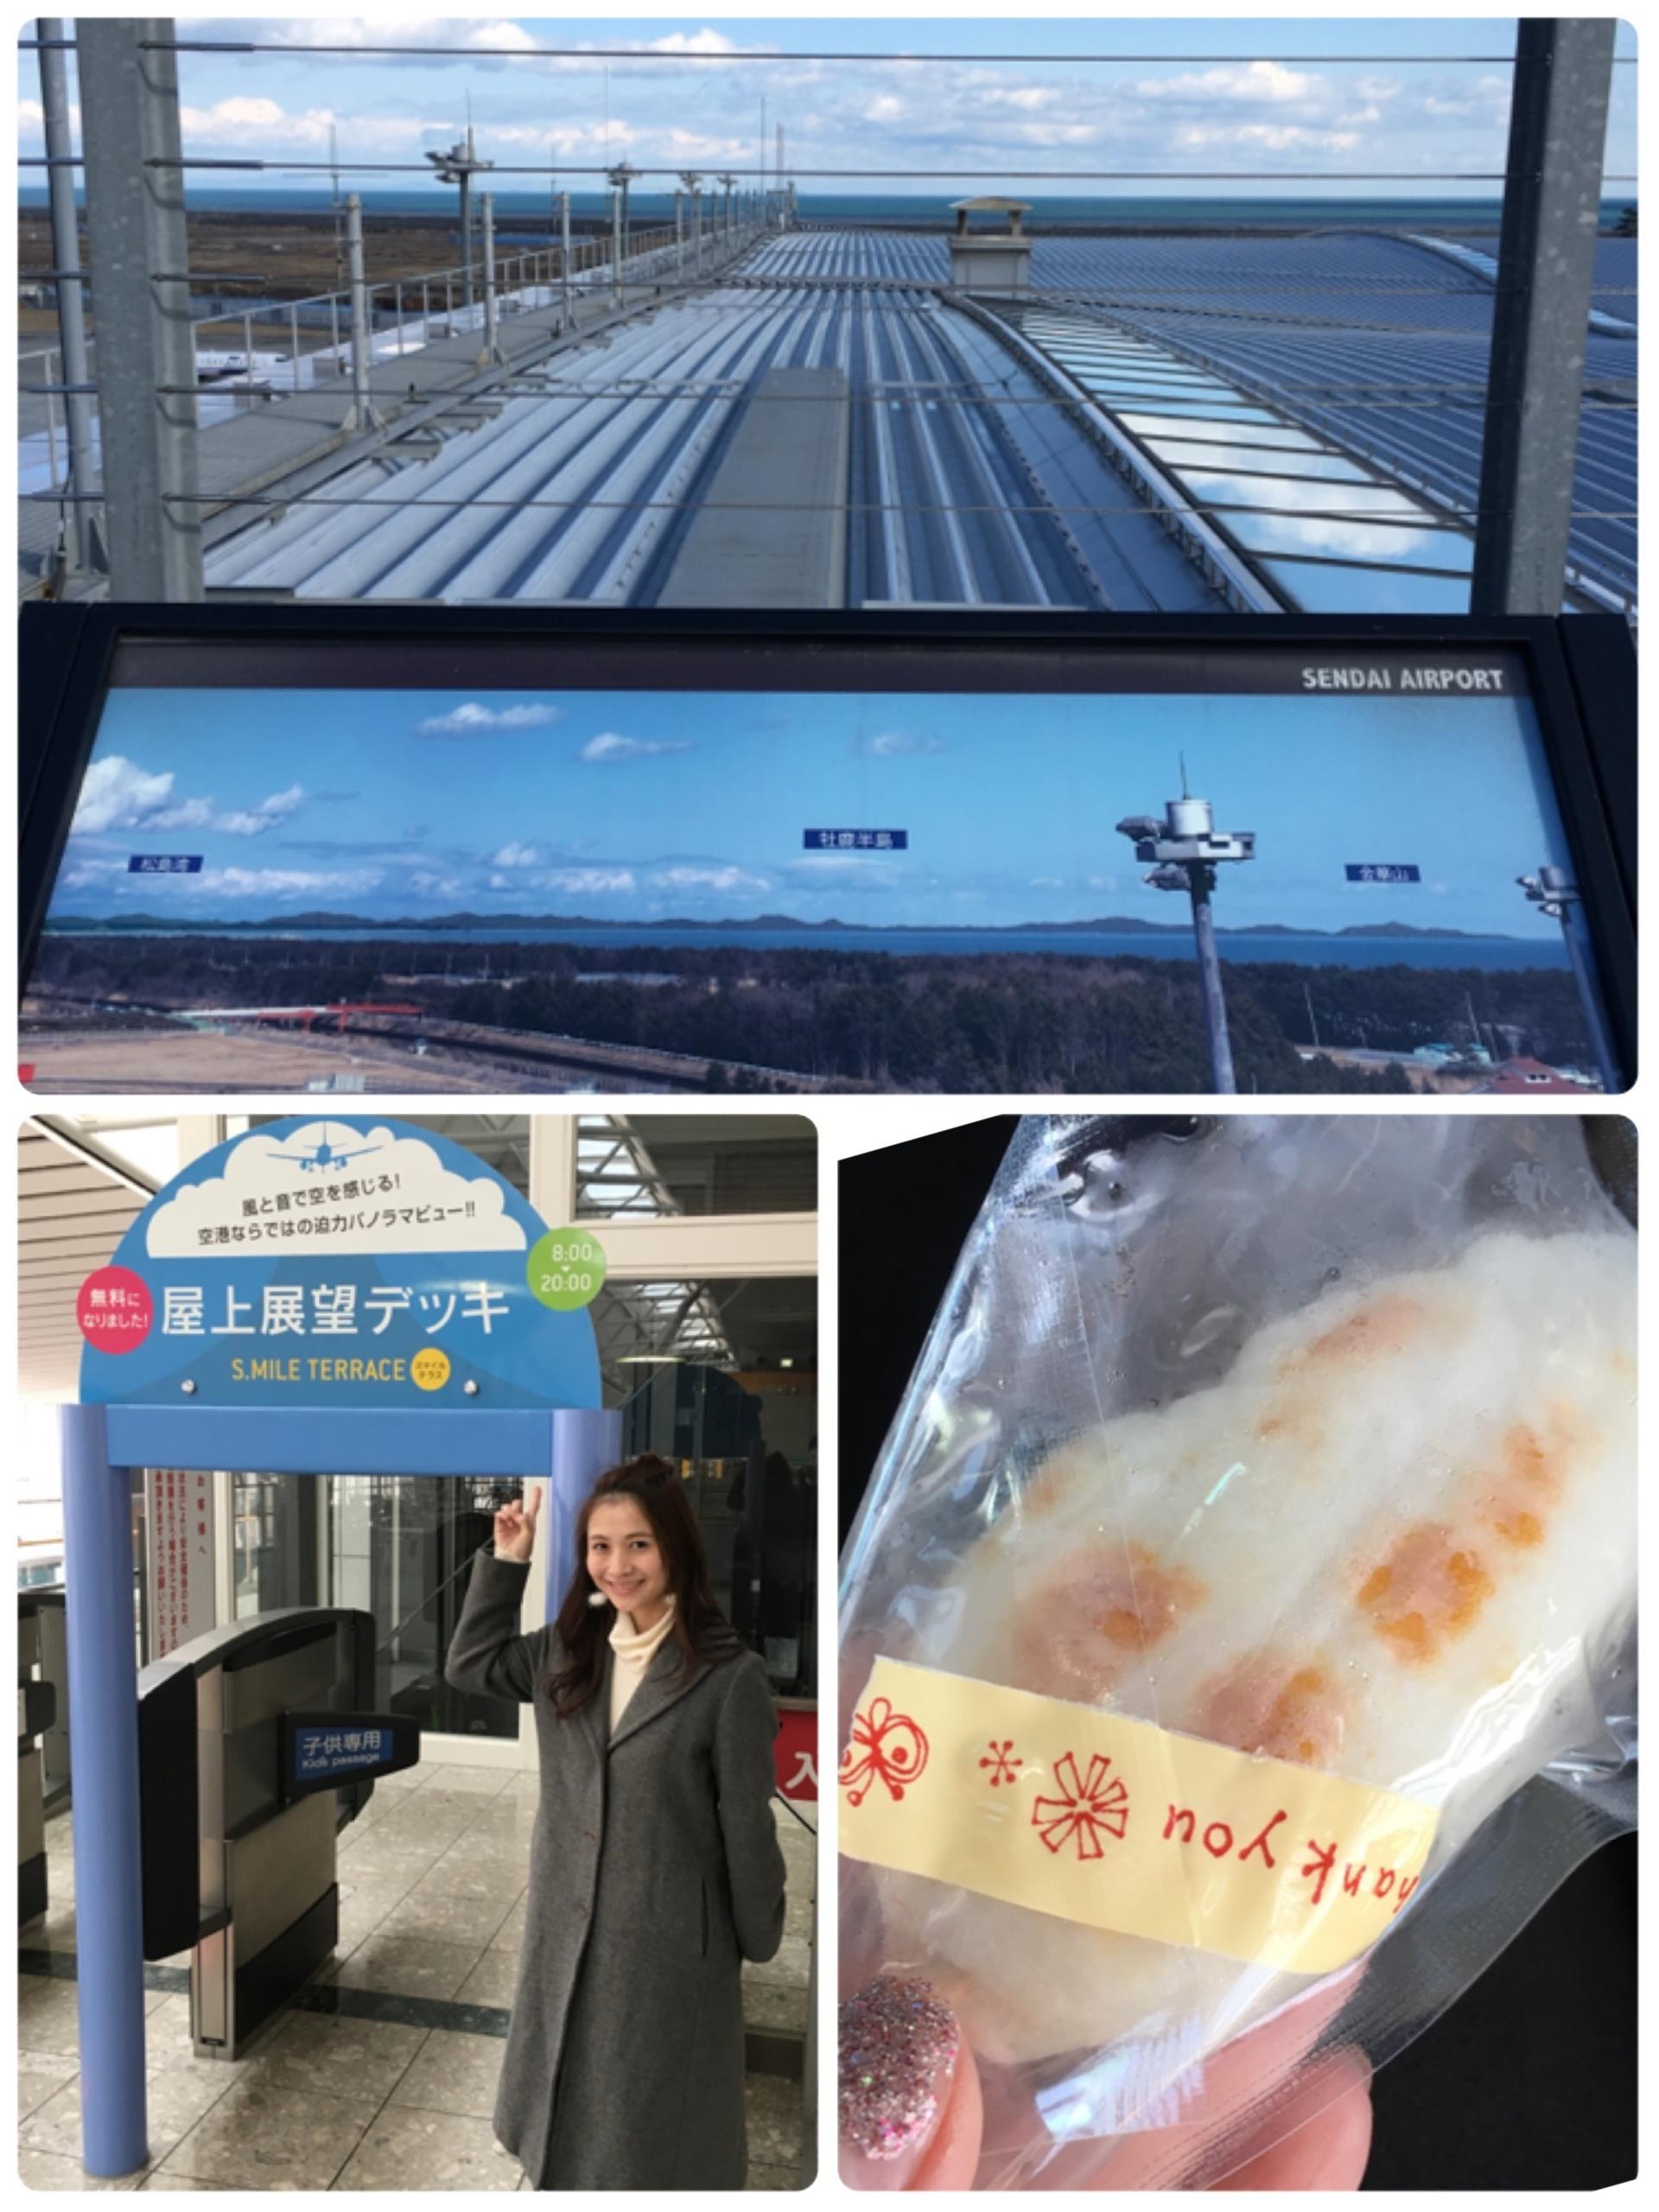 行ってきました‼︎【仙台空港】‼︎ランチにはこの季節限定【ほっきめし】も♡_6